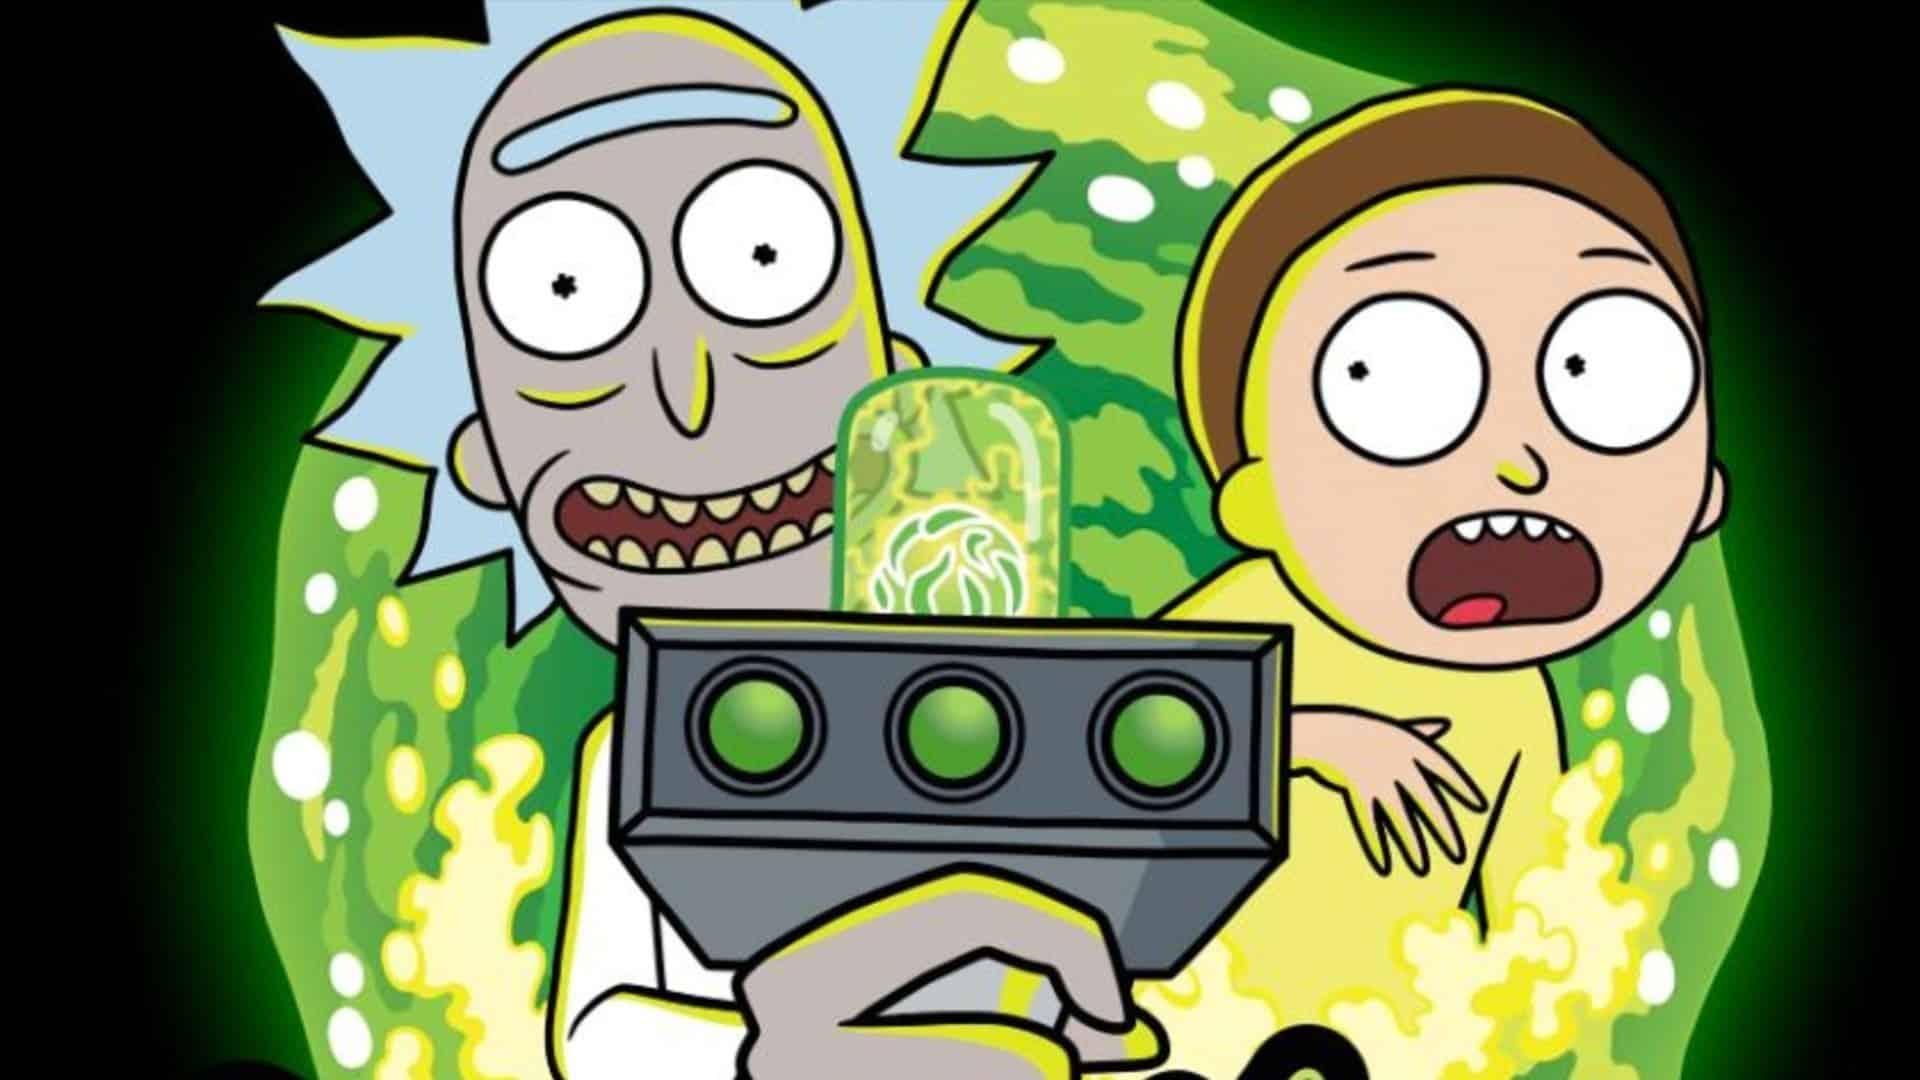 štvrtá séria Rick a Morty